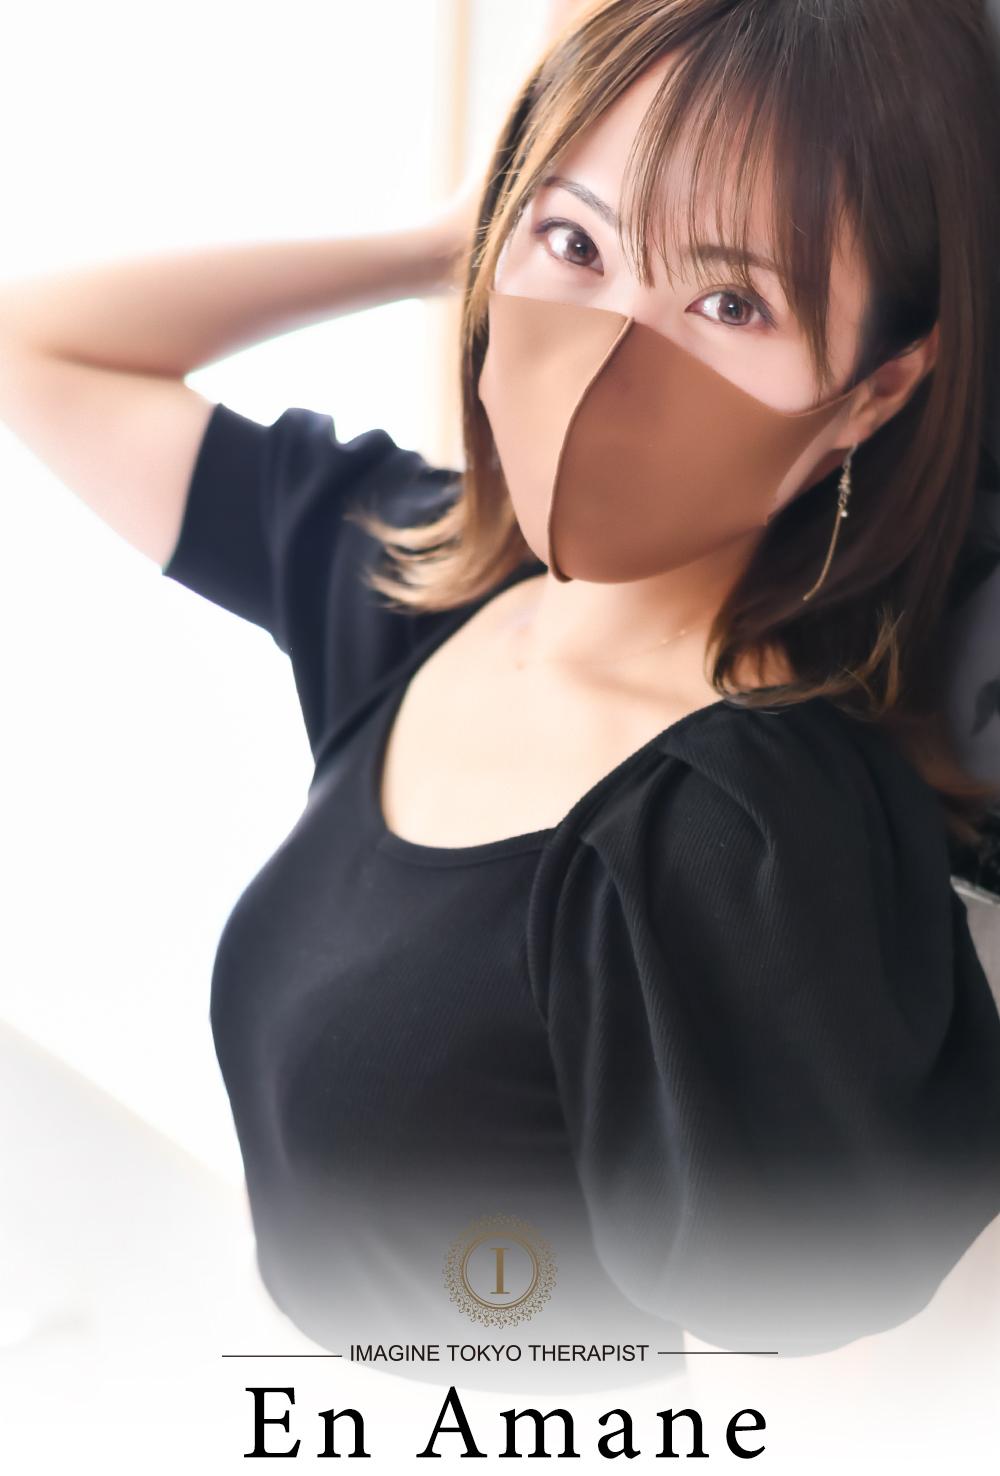 出張回春マッサージ・風俗エステイマジン東京 五反田 天音 縁(あまね えん)のサムネール